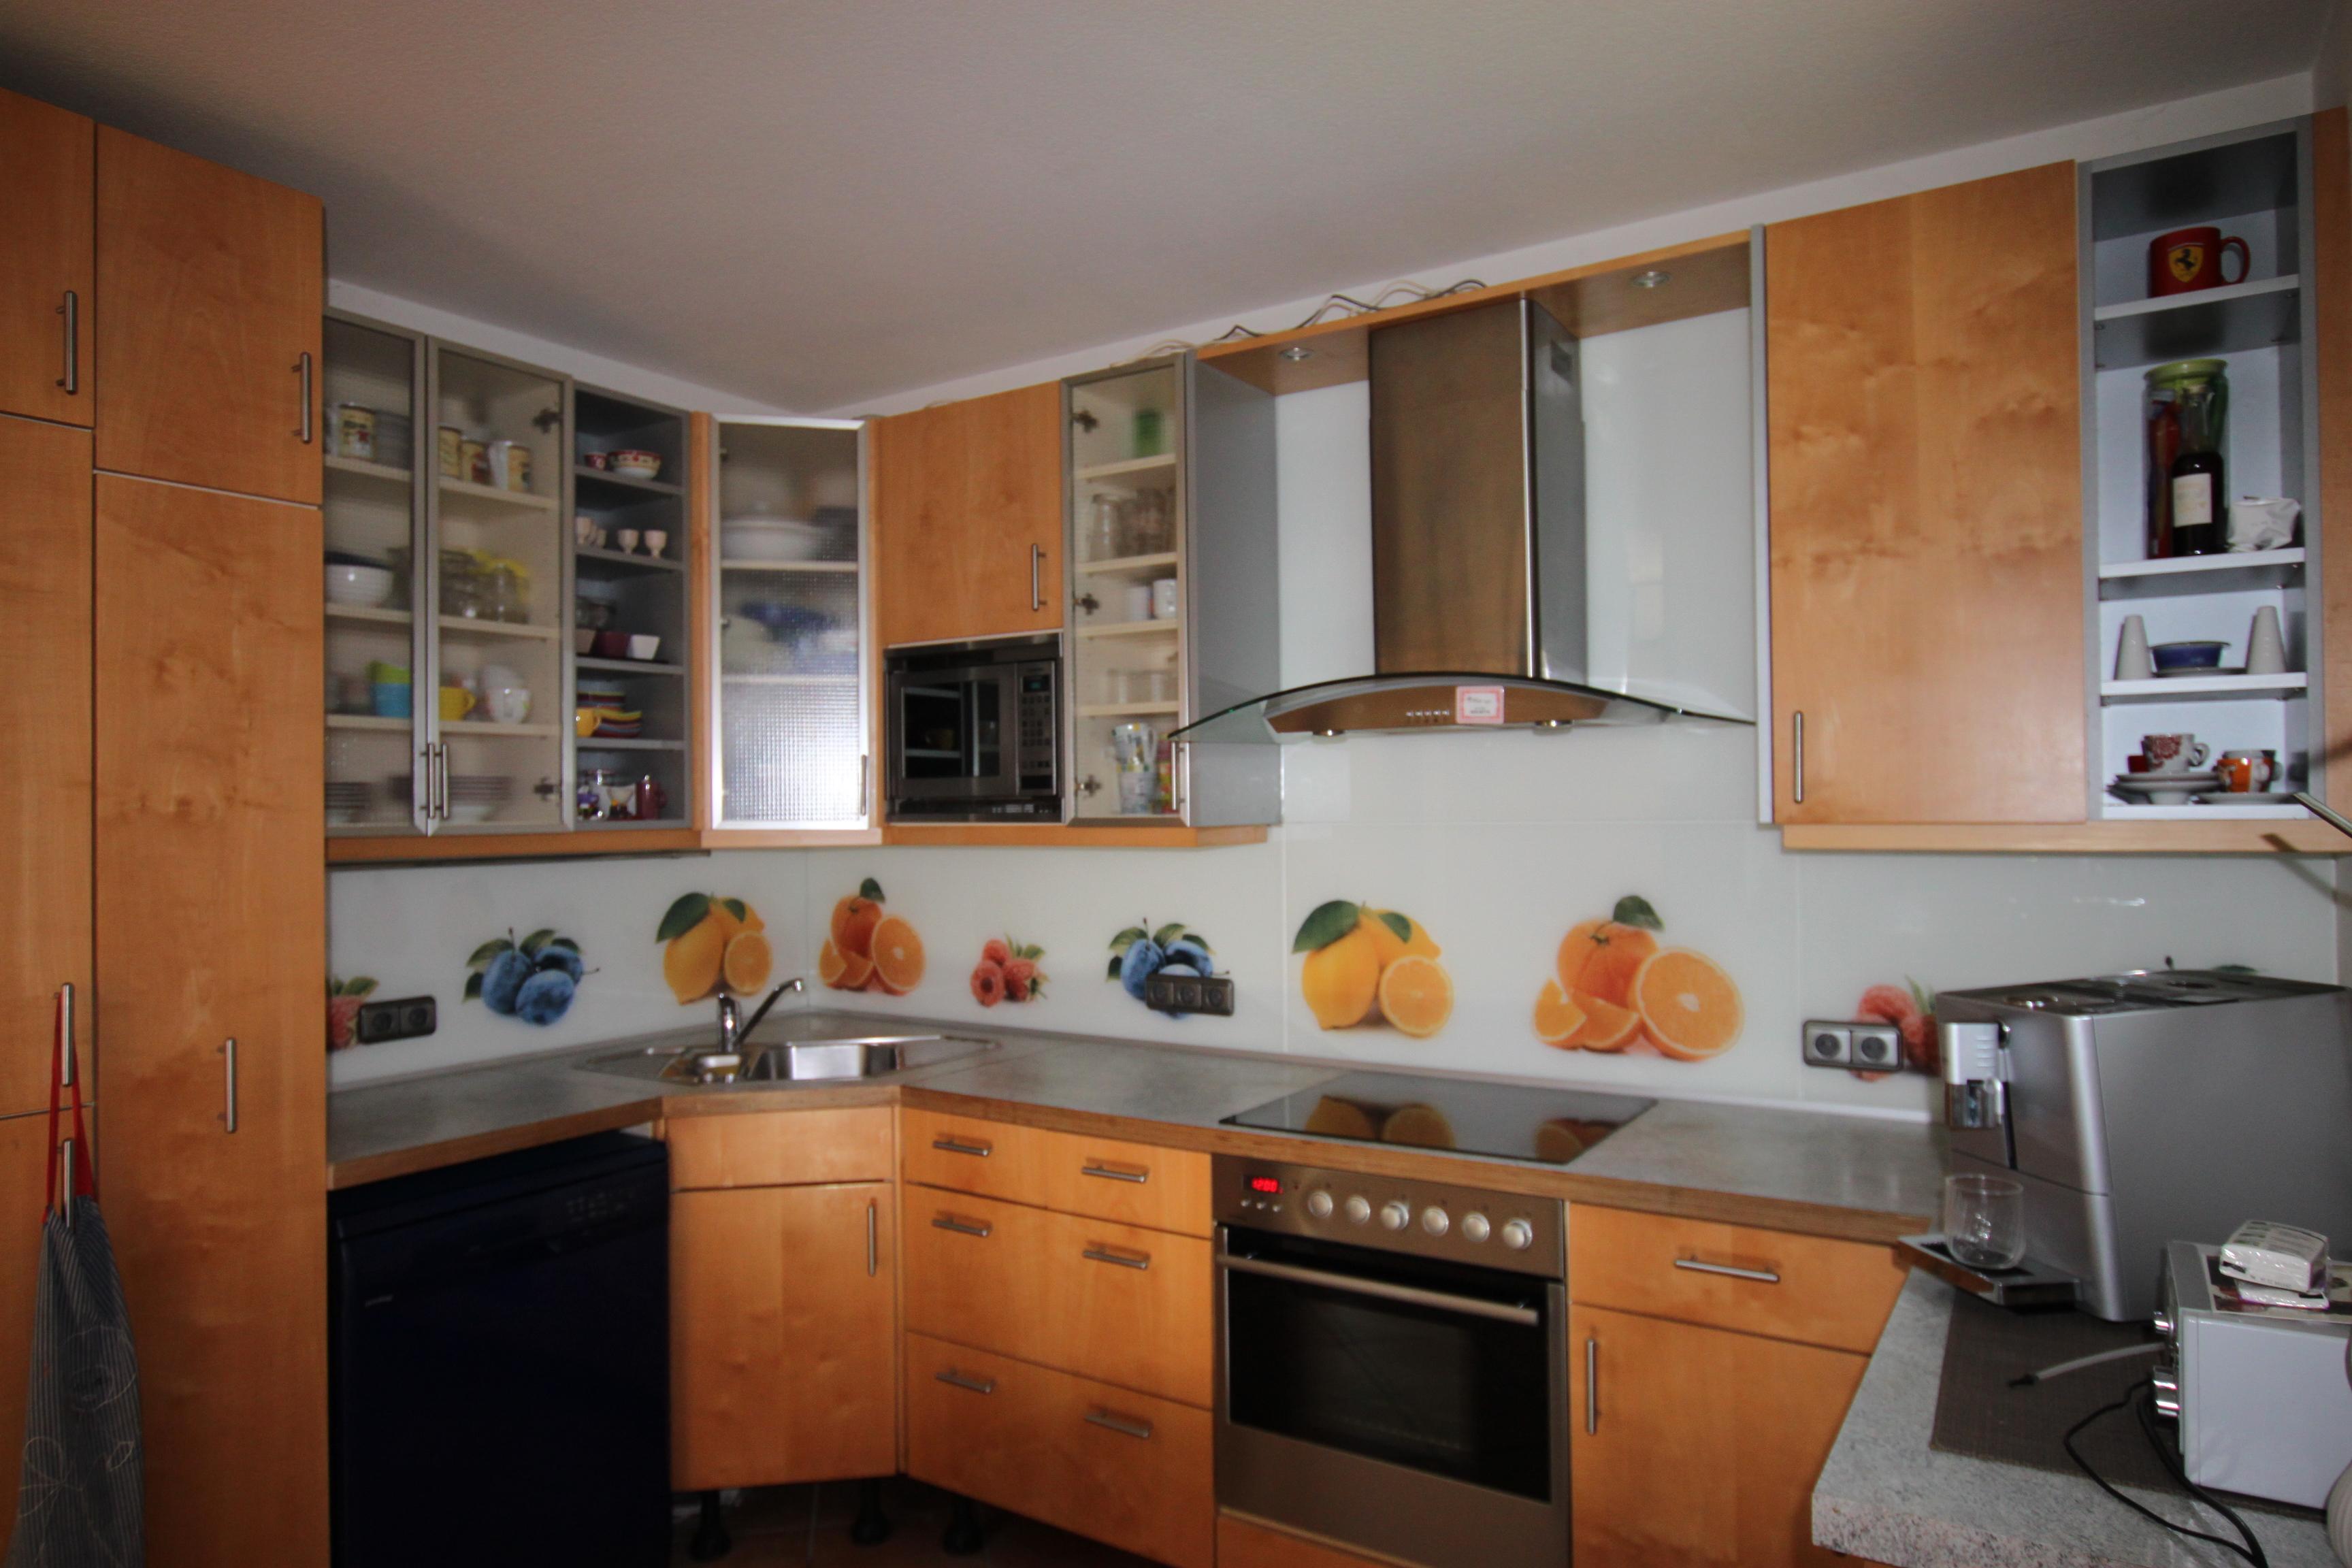 k chenr ckw nde aus glas glaserei oswald. Black Bedroom Furniture Sets. Home Design Ideas